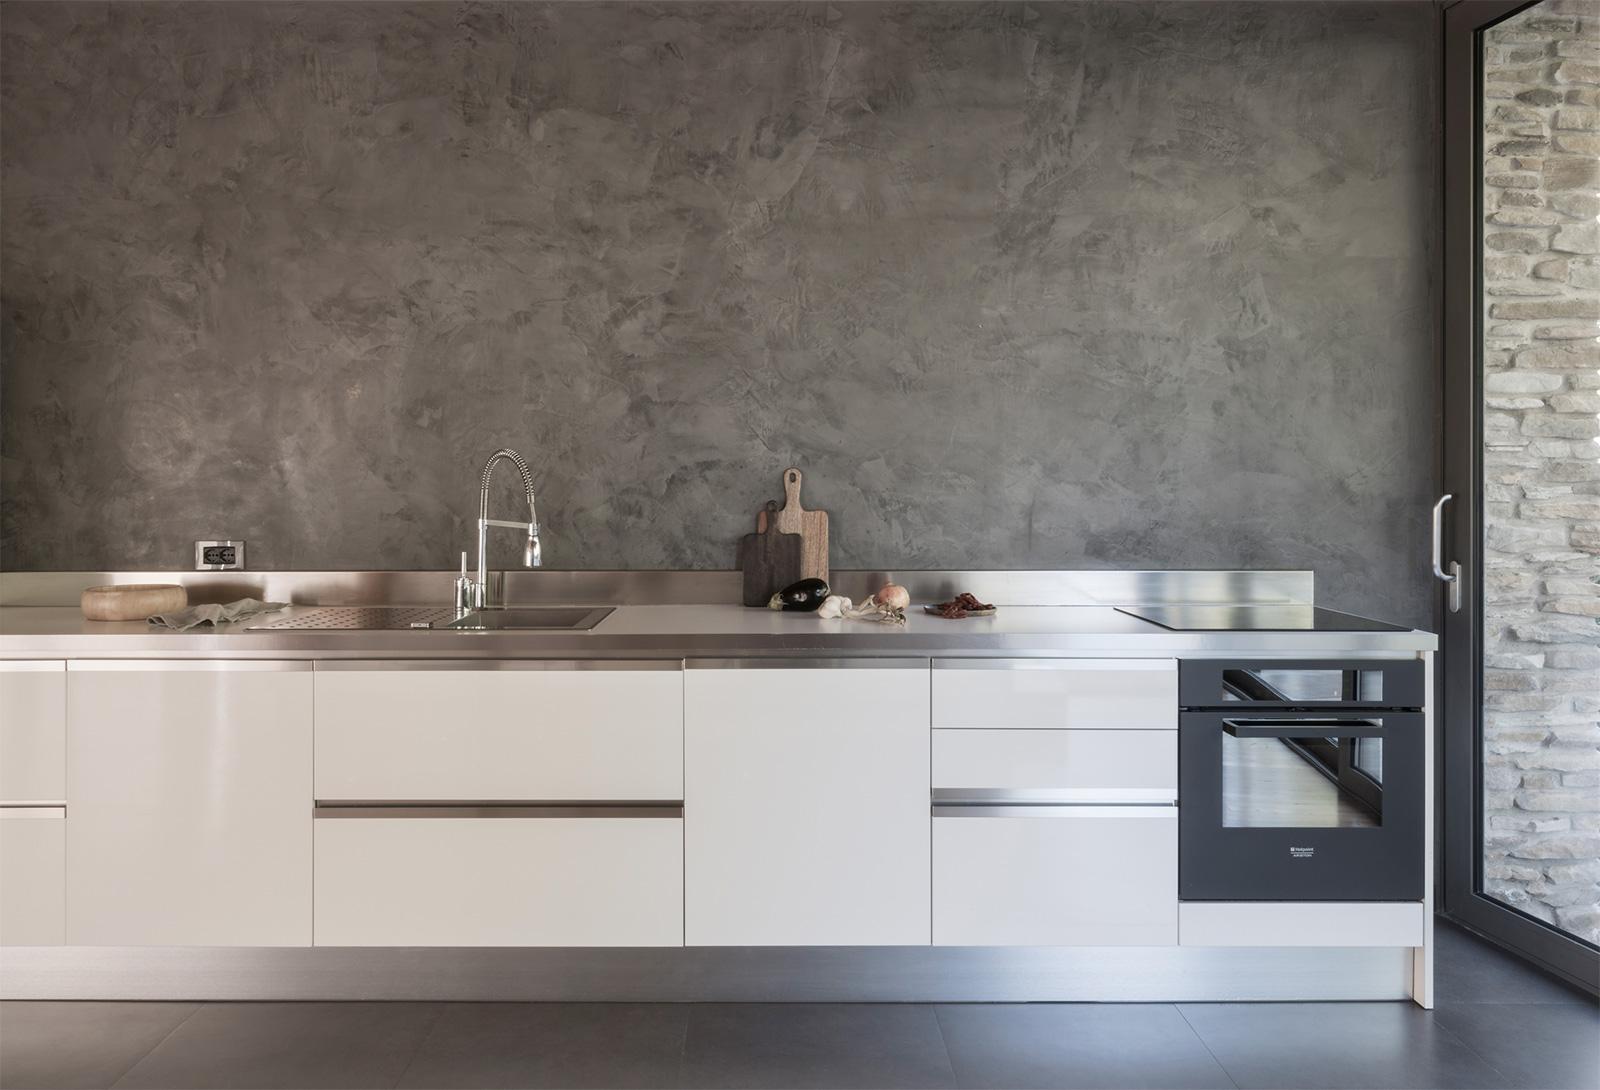 Villa con Vista: the contemporary kitchen